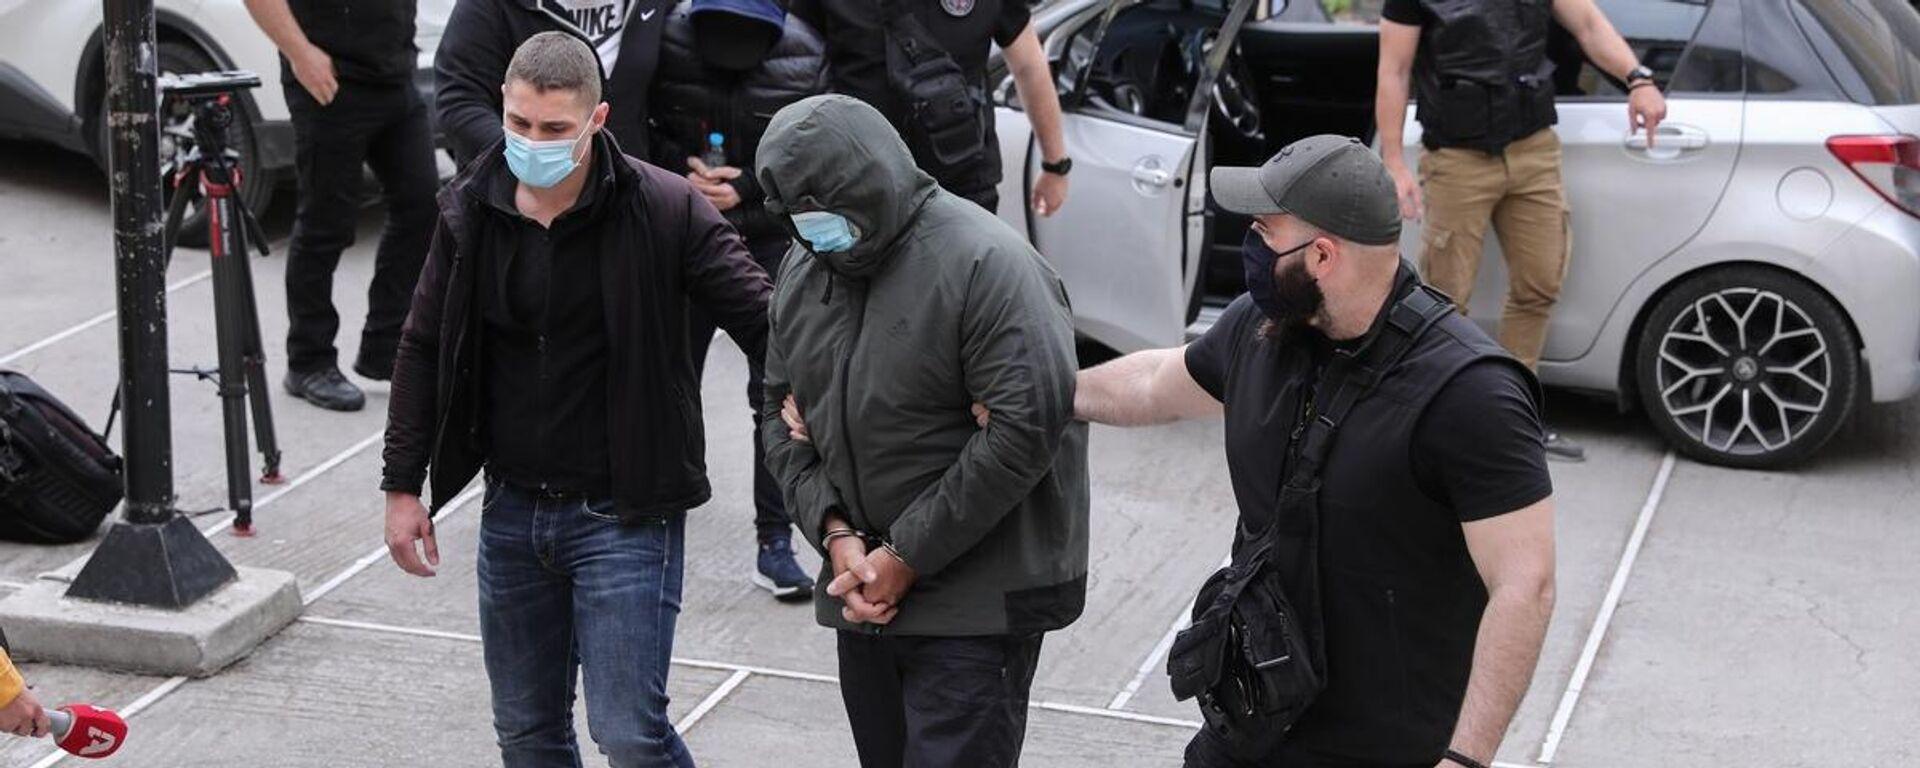 Ο παρουσιαστής Μένιος Φουρθιώτης οδηγείται στον εισαγγελέα - Sputnik Ελλάδα, 1920, 05.10.2021